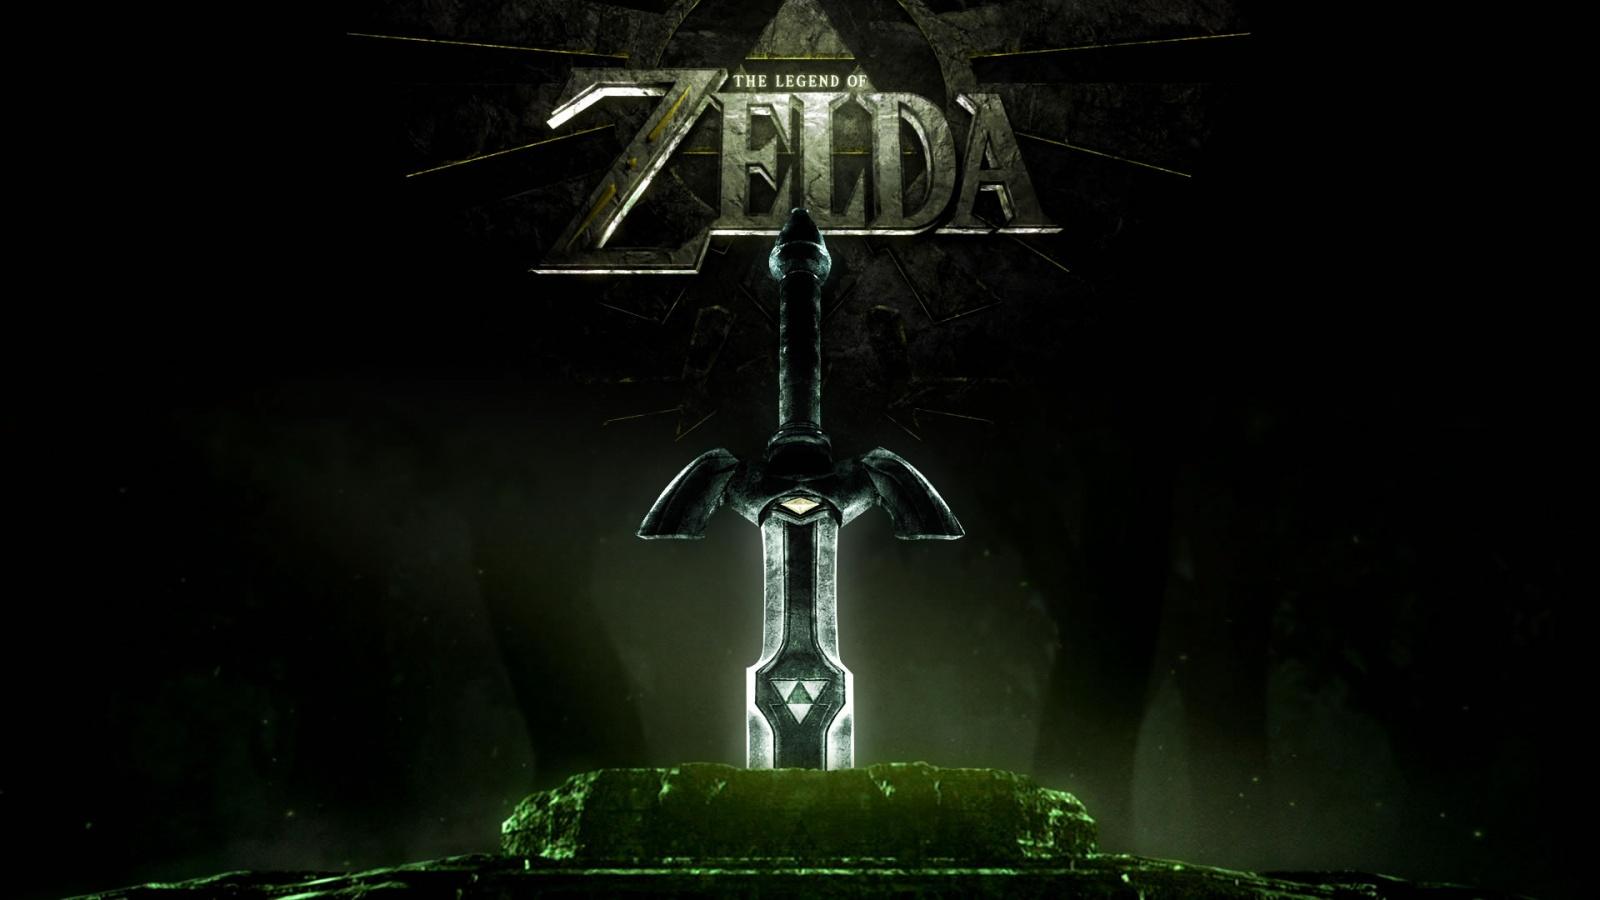 The Legend of Zelda Wallpapers HD Wallpapers 1600x900